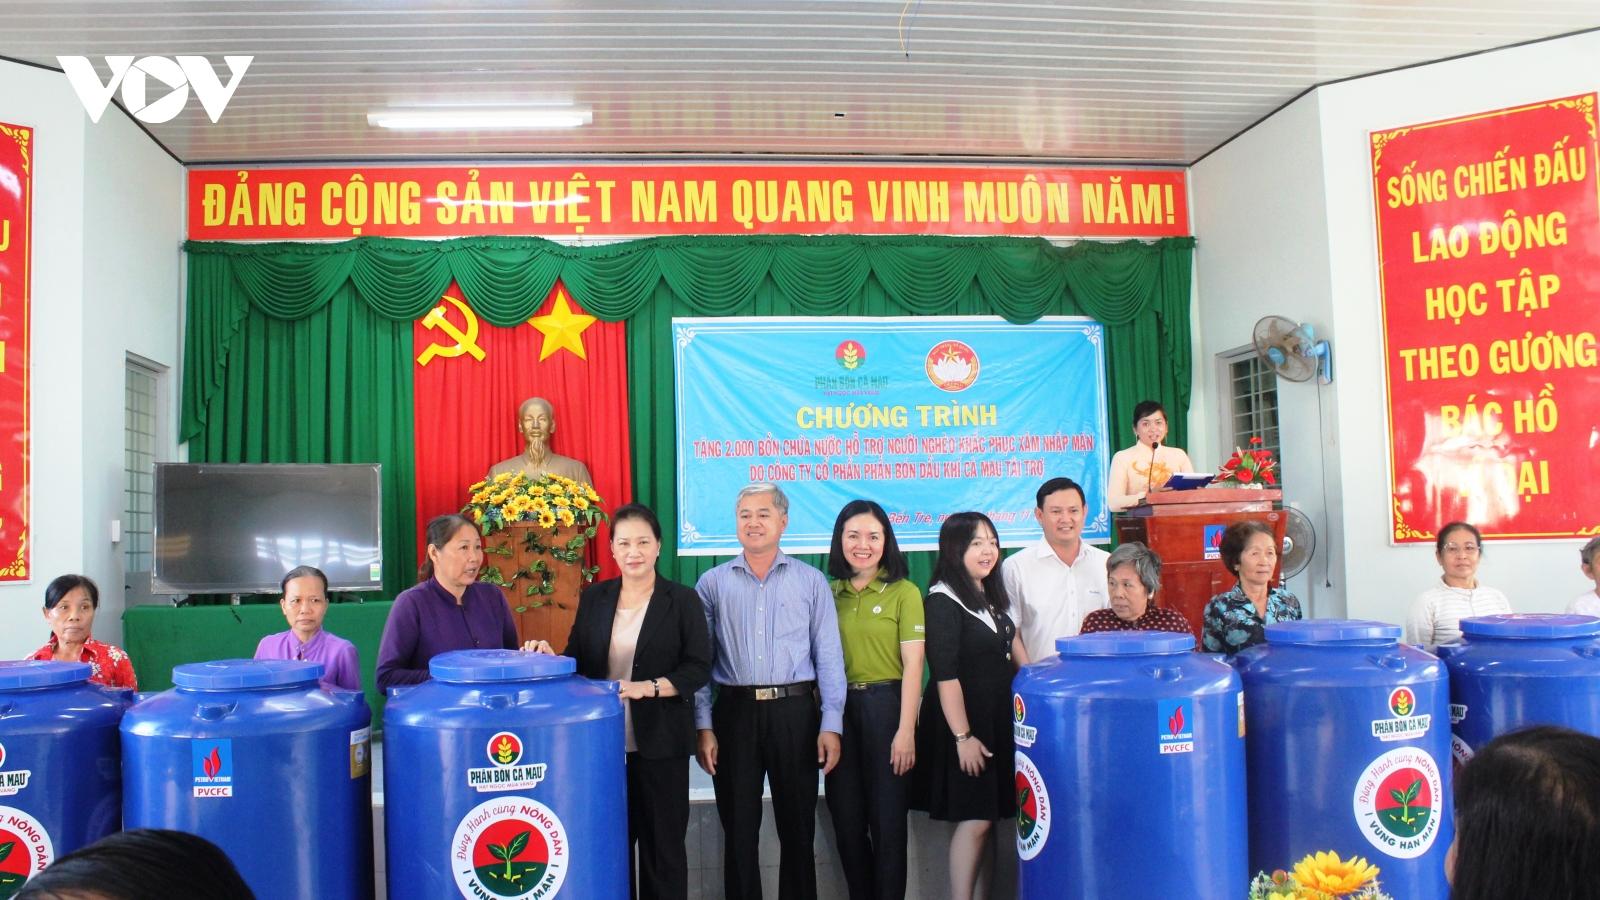 Chủ tịch Quốc hội trao 2.000 bồn chứa nước cho người dânBến Tre